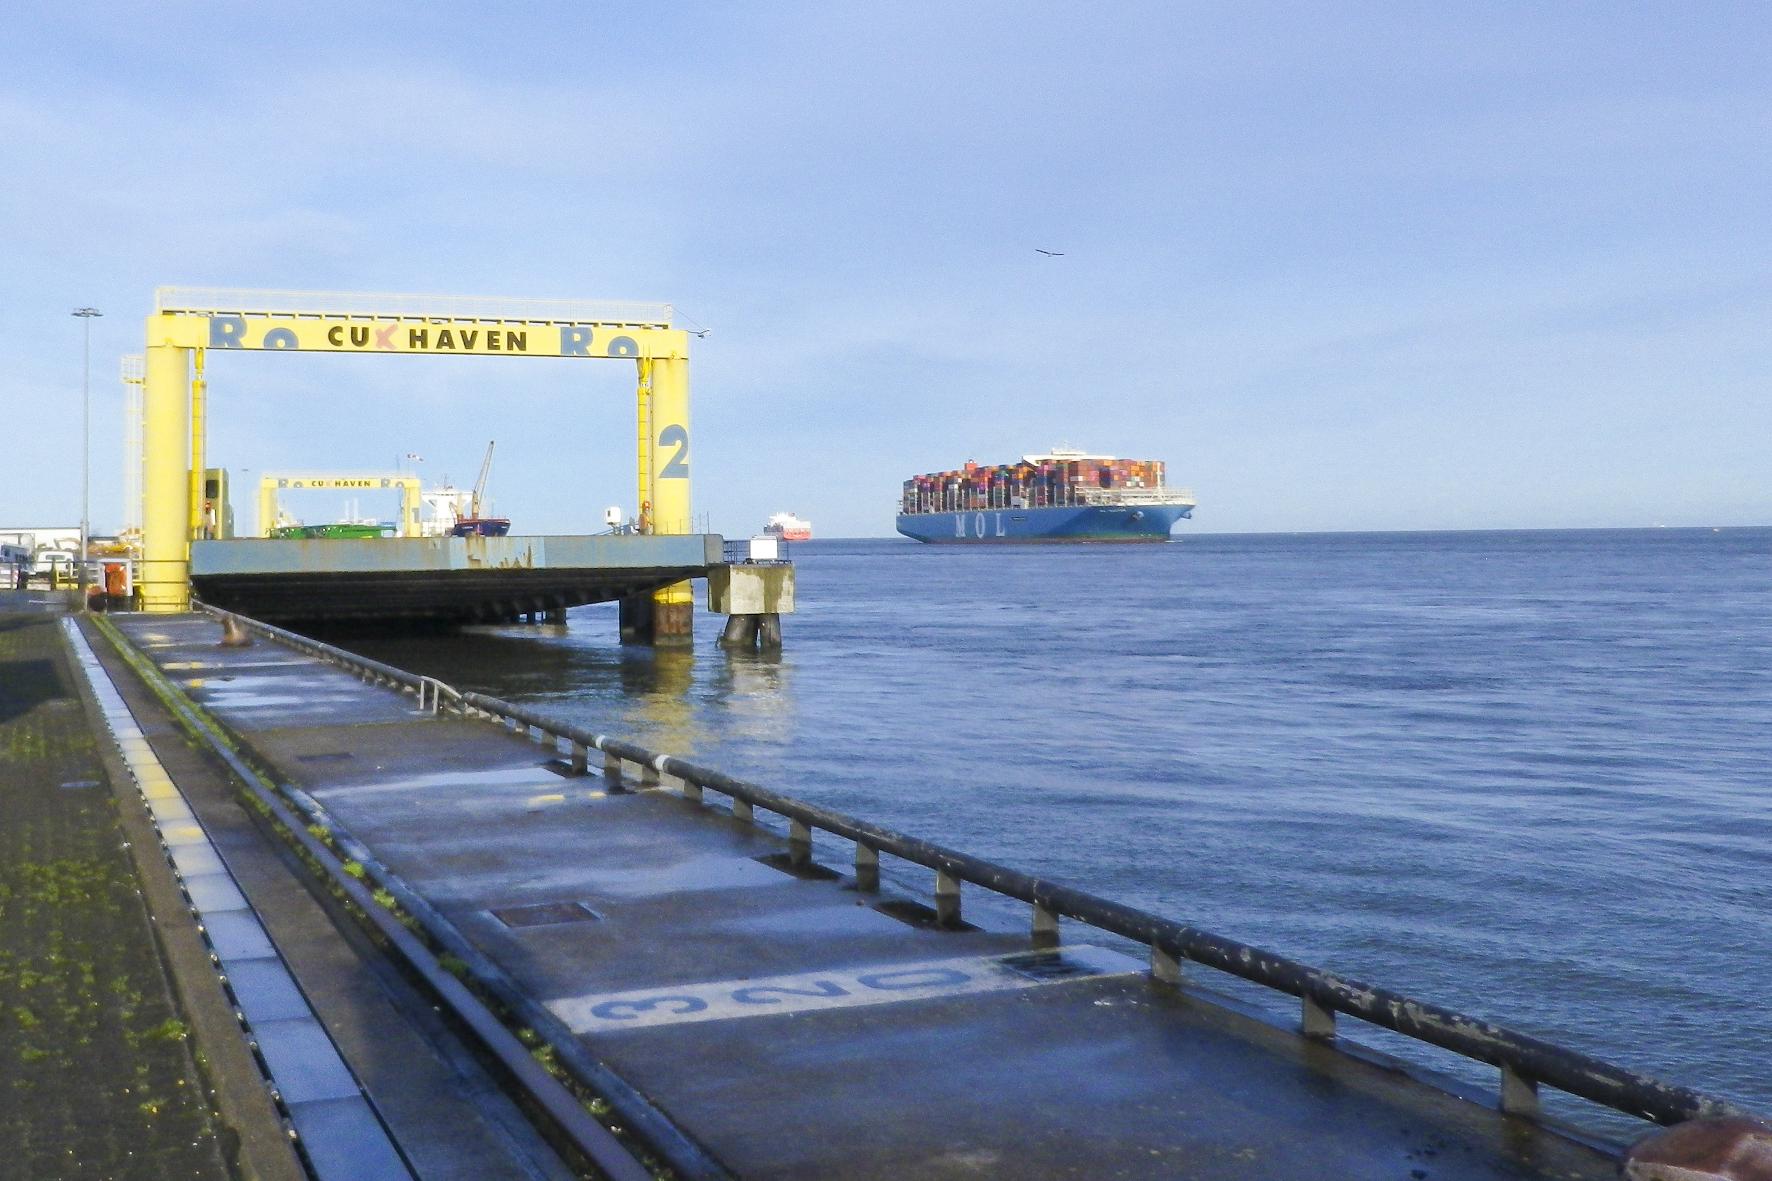 mid Groß-Gerau - Die Kaianlage Europakai im Amerikahafen in Cuxhaven wird mit dem XXL-Einparkassistenten ausgestattet. NPorts